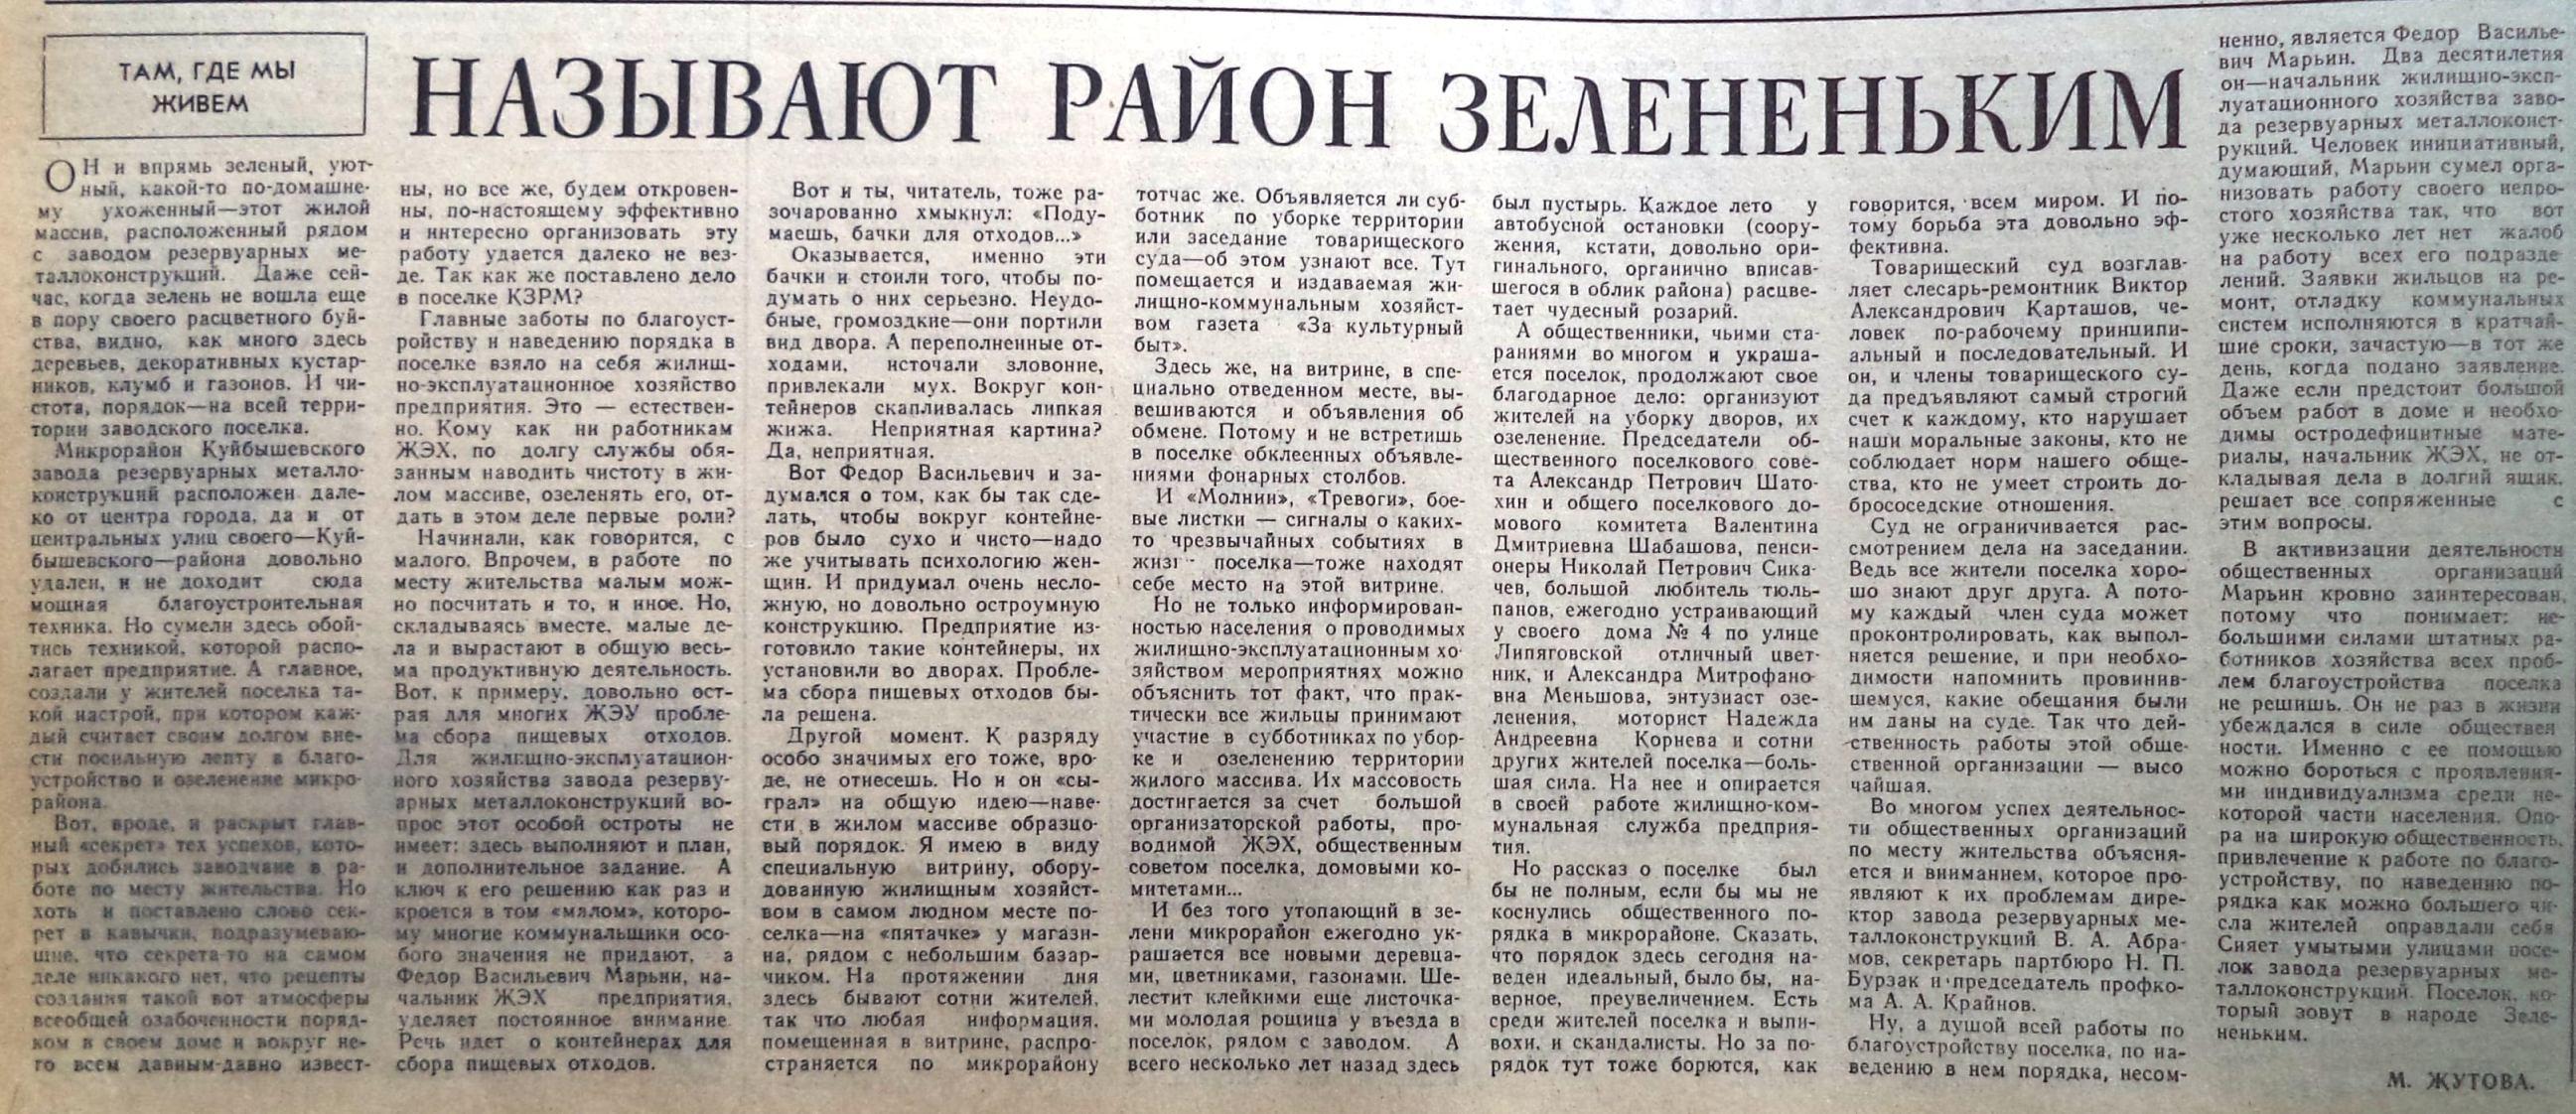 Фестивальная-ФОТО-00-ВЗя-1985-05-30-о посёлке на 113 км-min